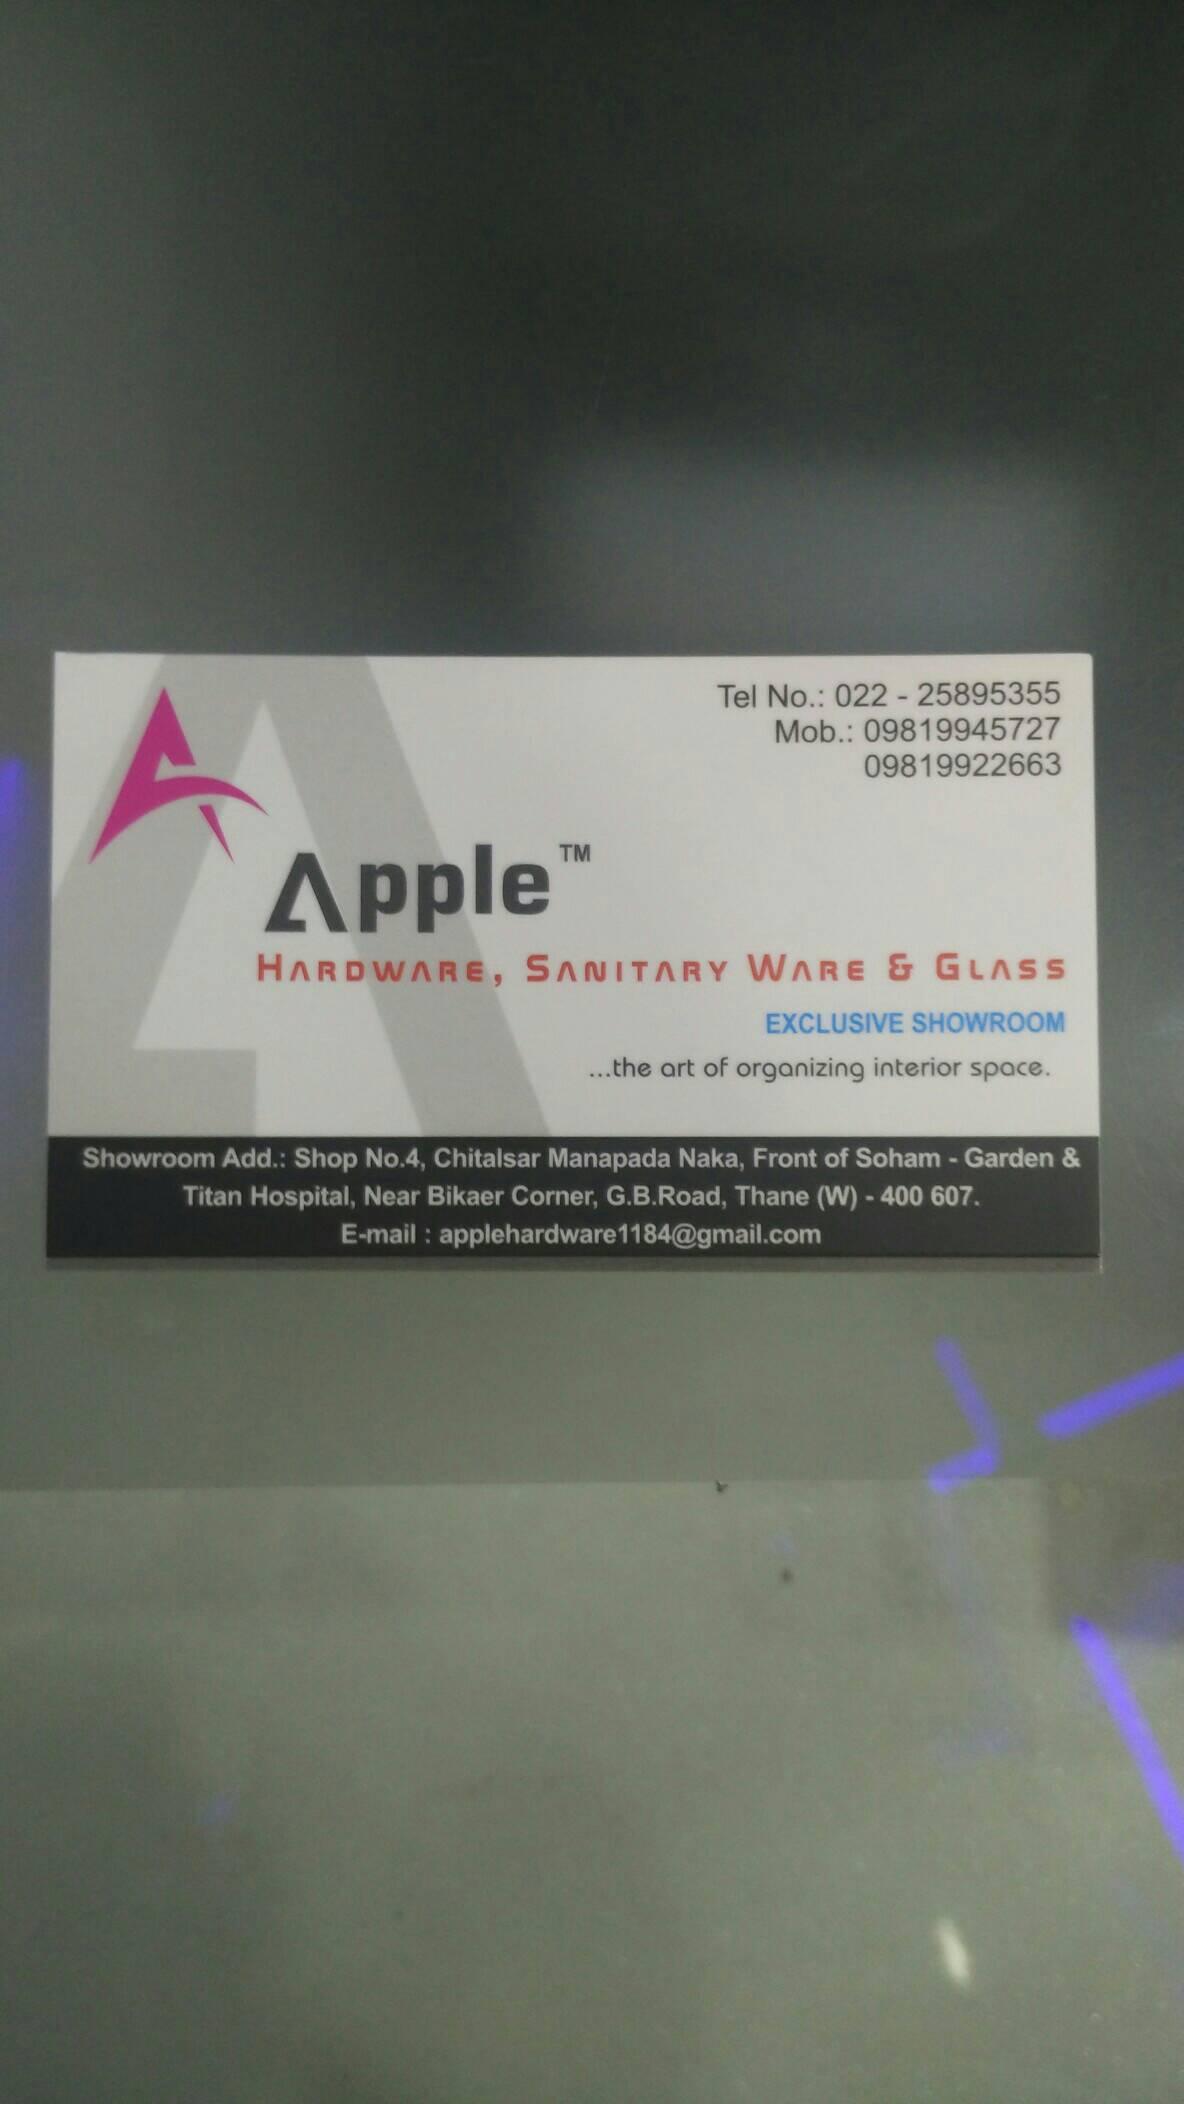 Apple Hardware & Sanitary Ware Thane - logo